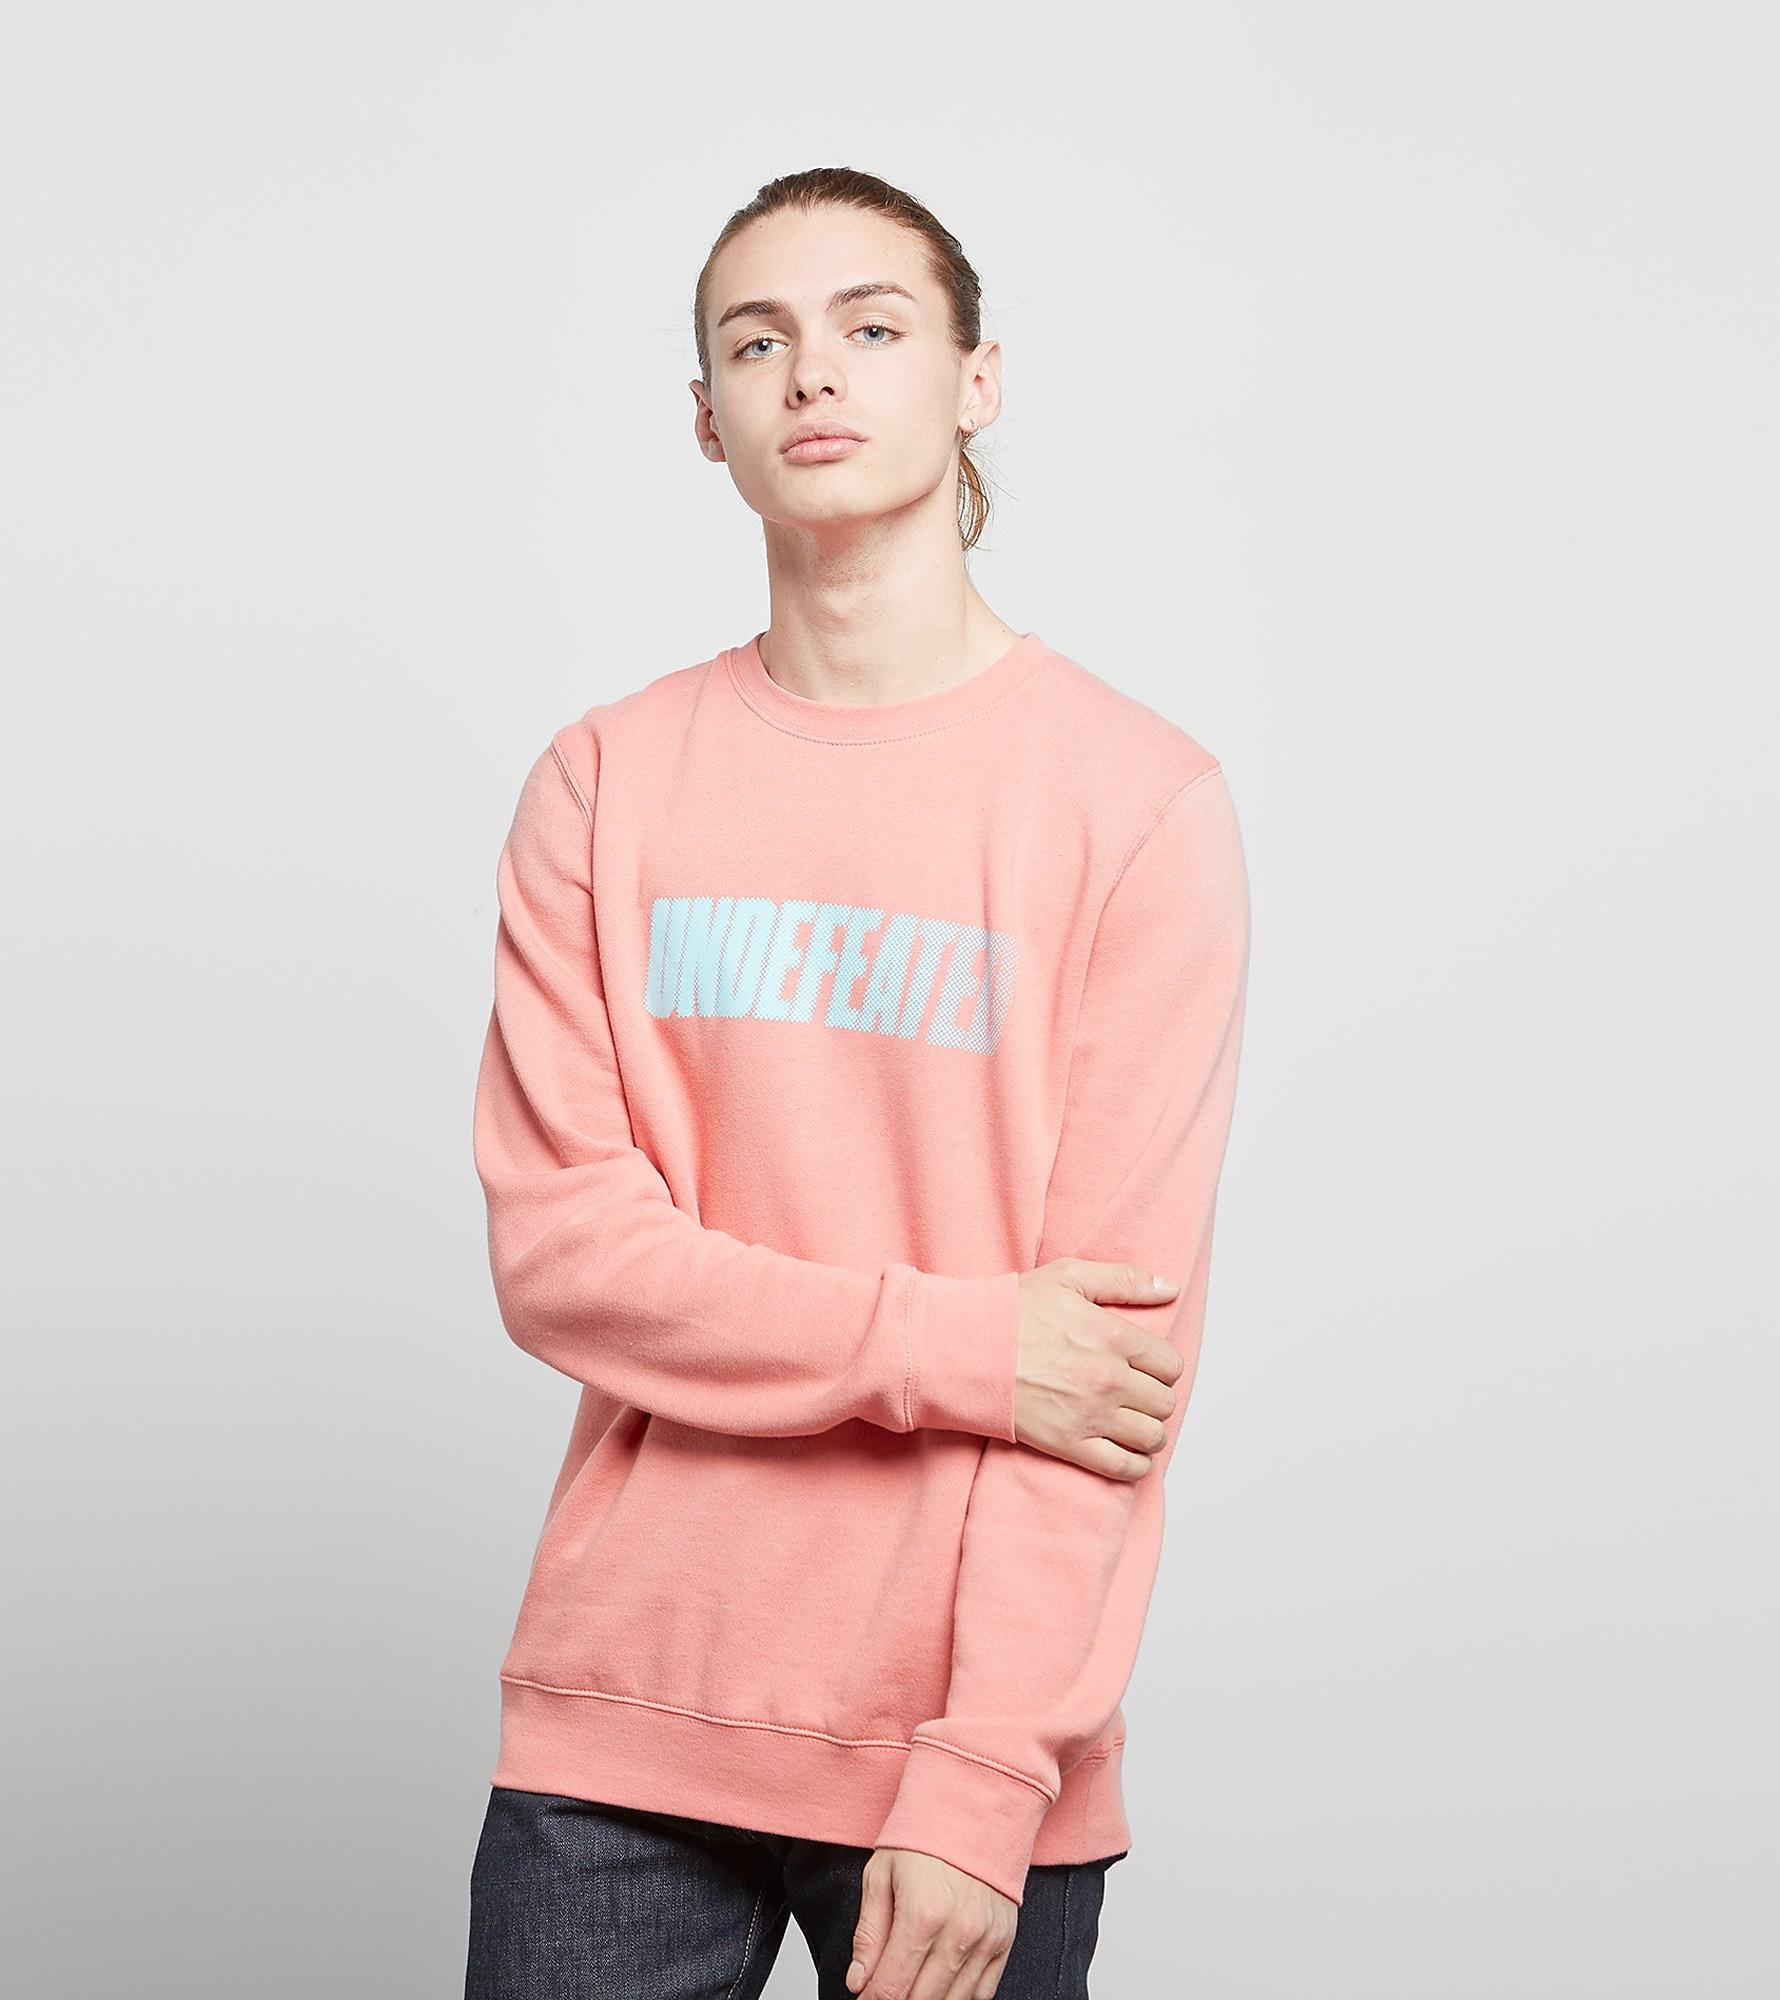 Undefeated Speed Tone Crew Sweatshirt